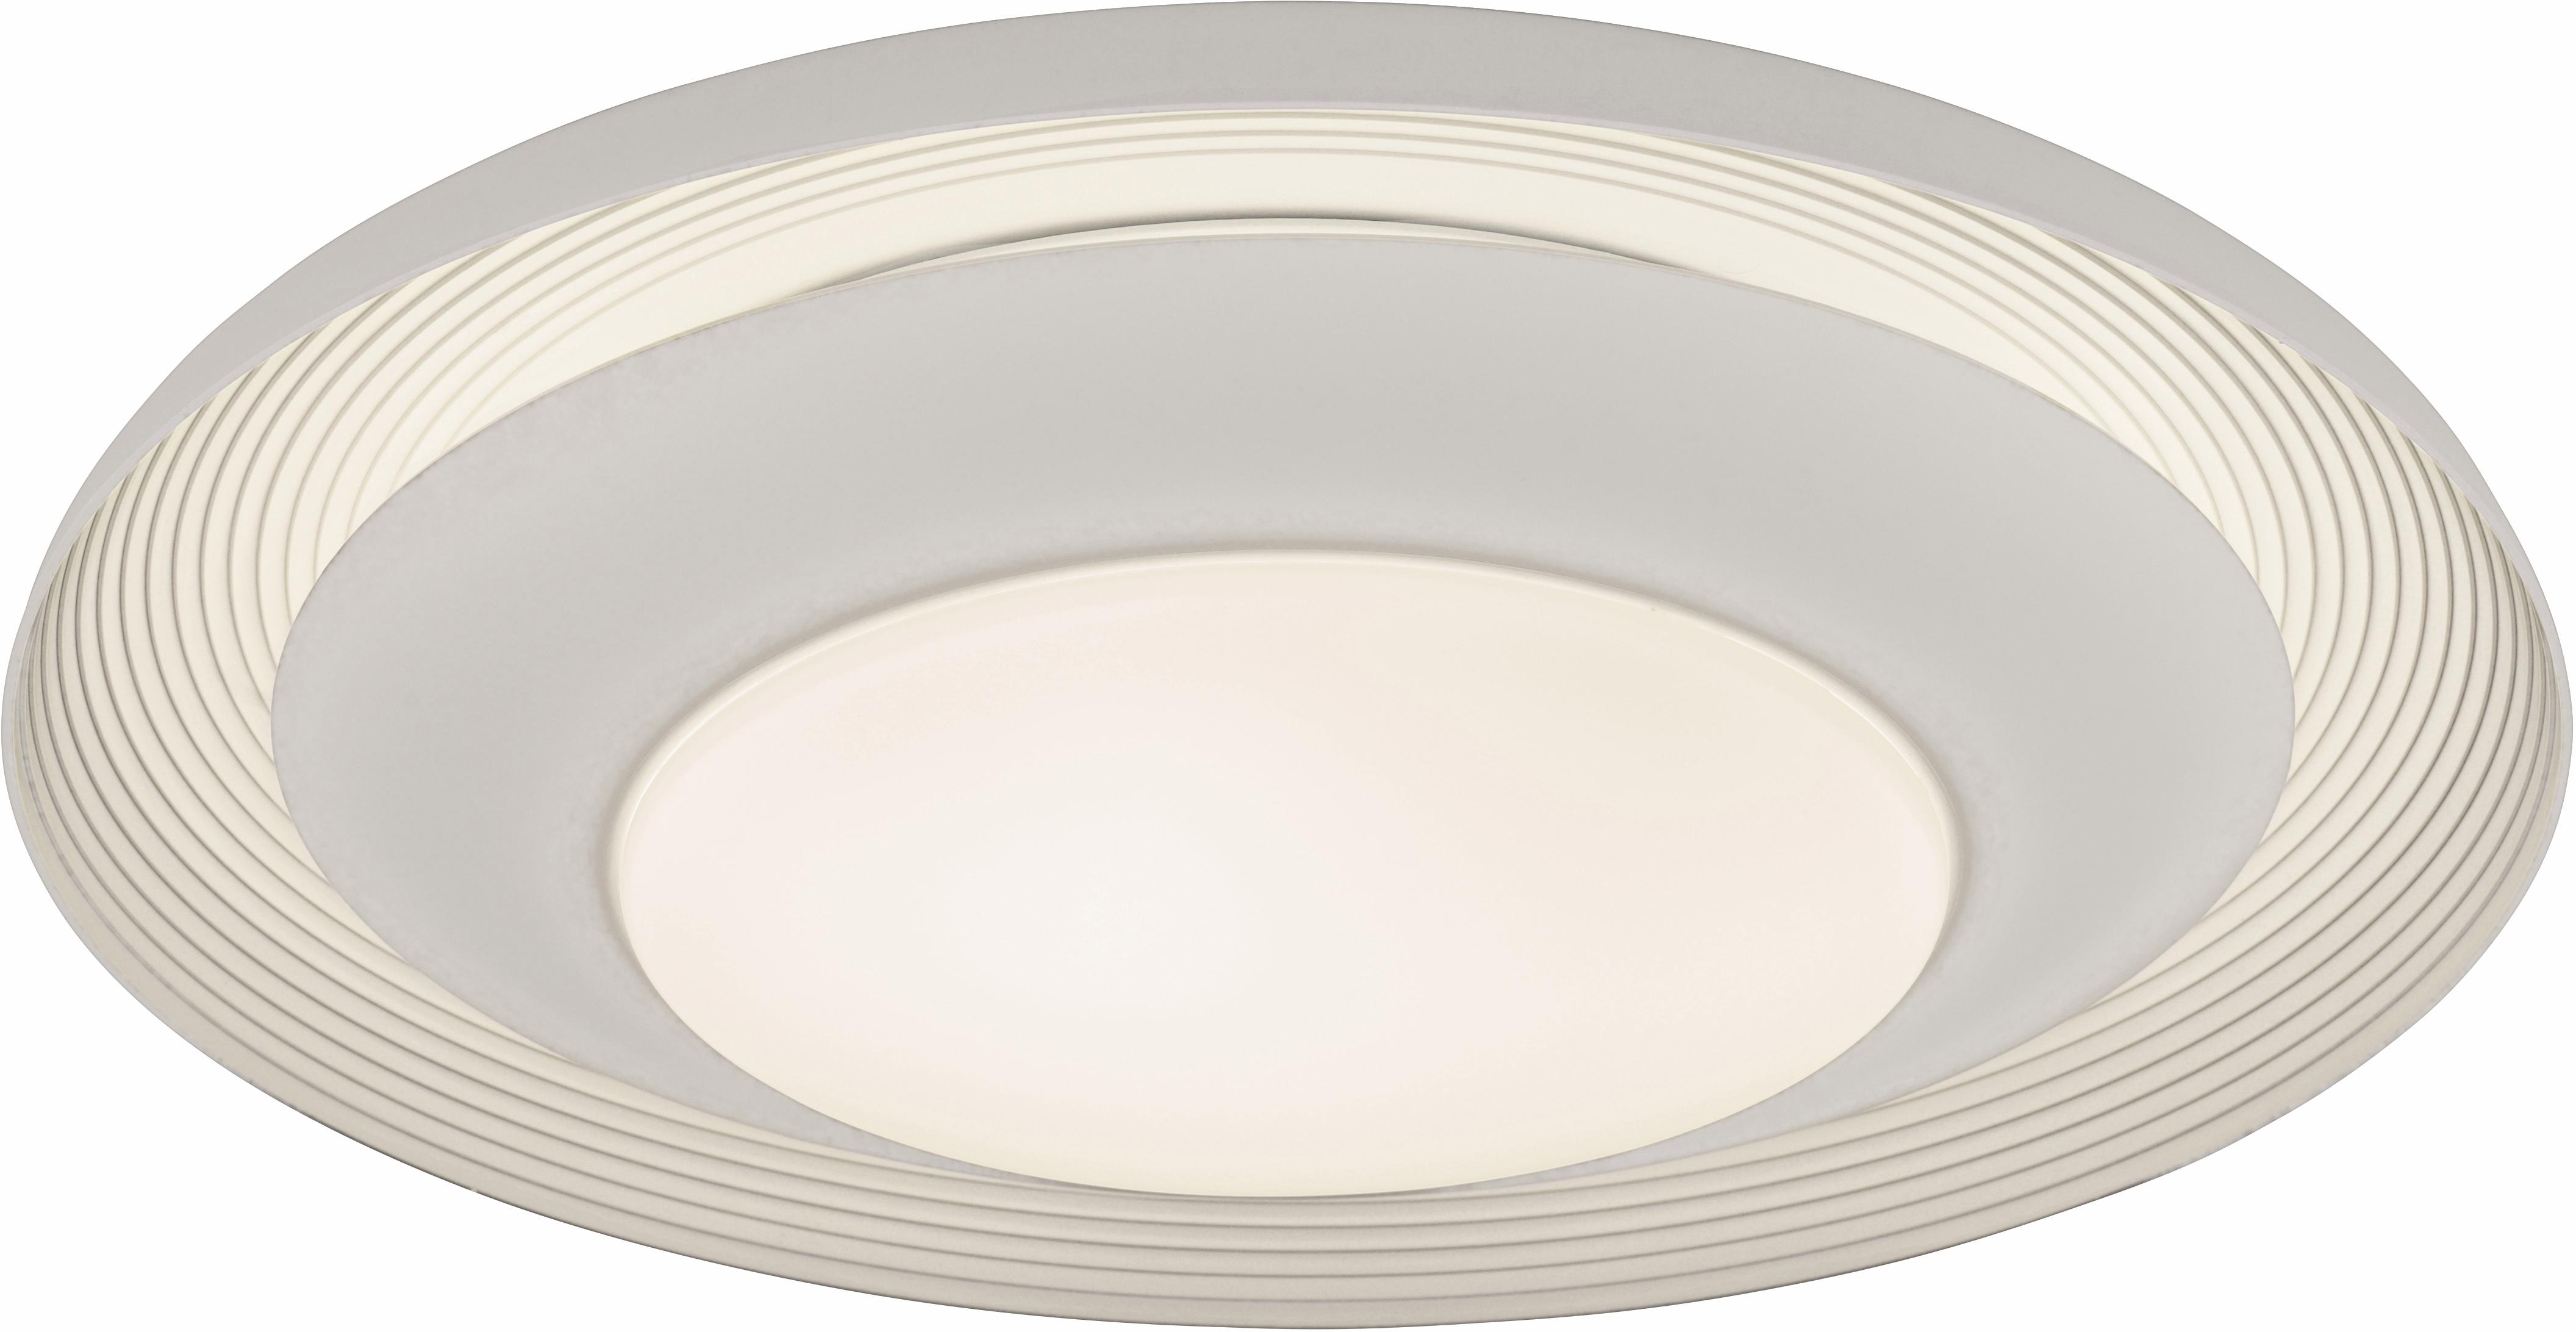 EGLO LED Deckenleuchte CANICOSA, LED-Board, Extra-Warmweiß-Kaltweiß-Neutralweiß-Tageslichtweiß-Warmweiß, on/off am Schalter, 3-step dimming